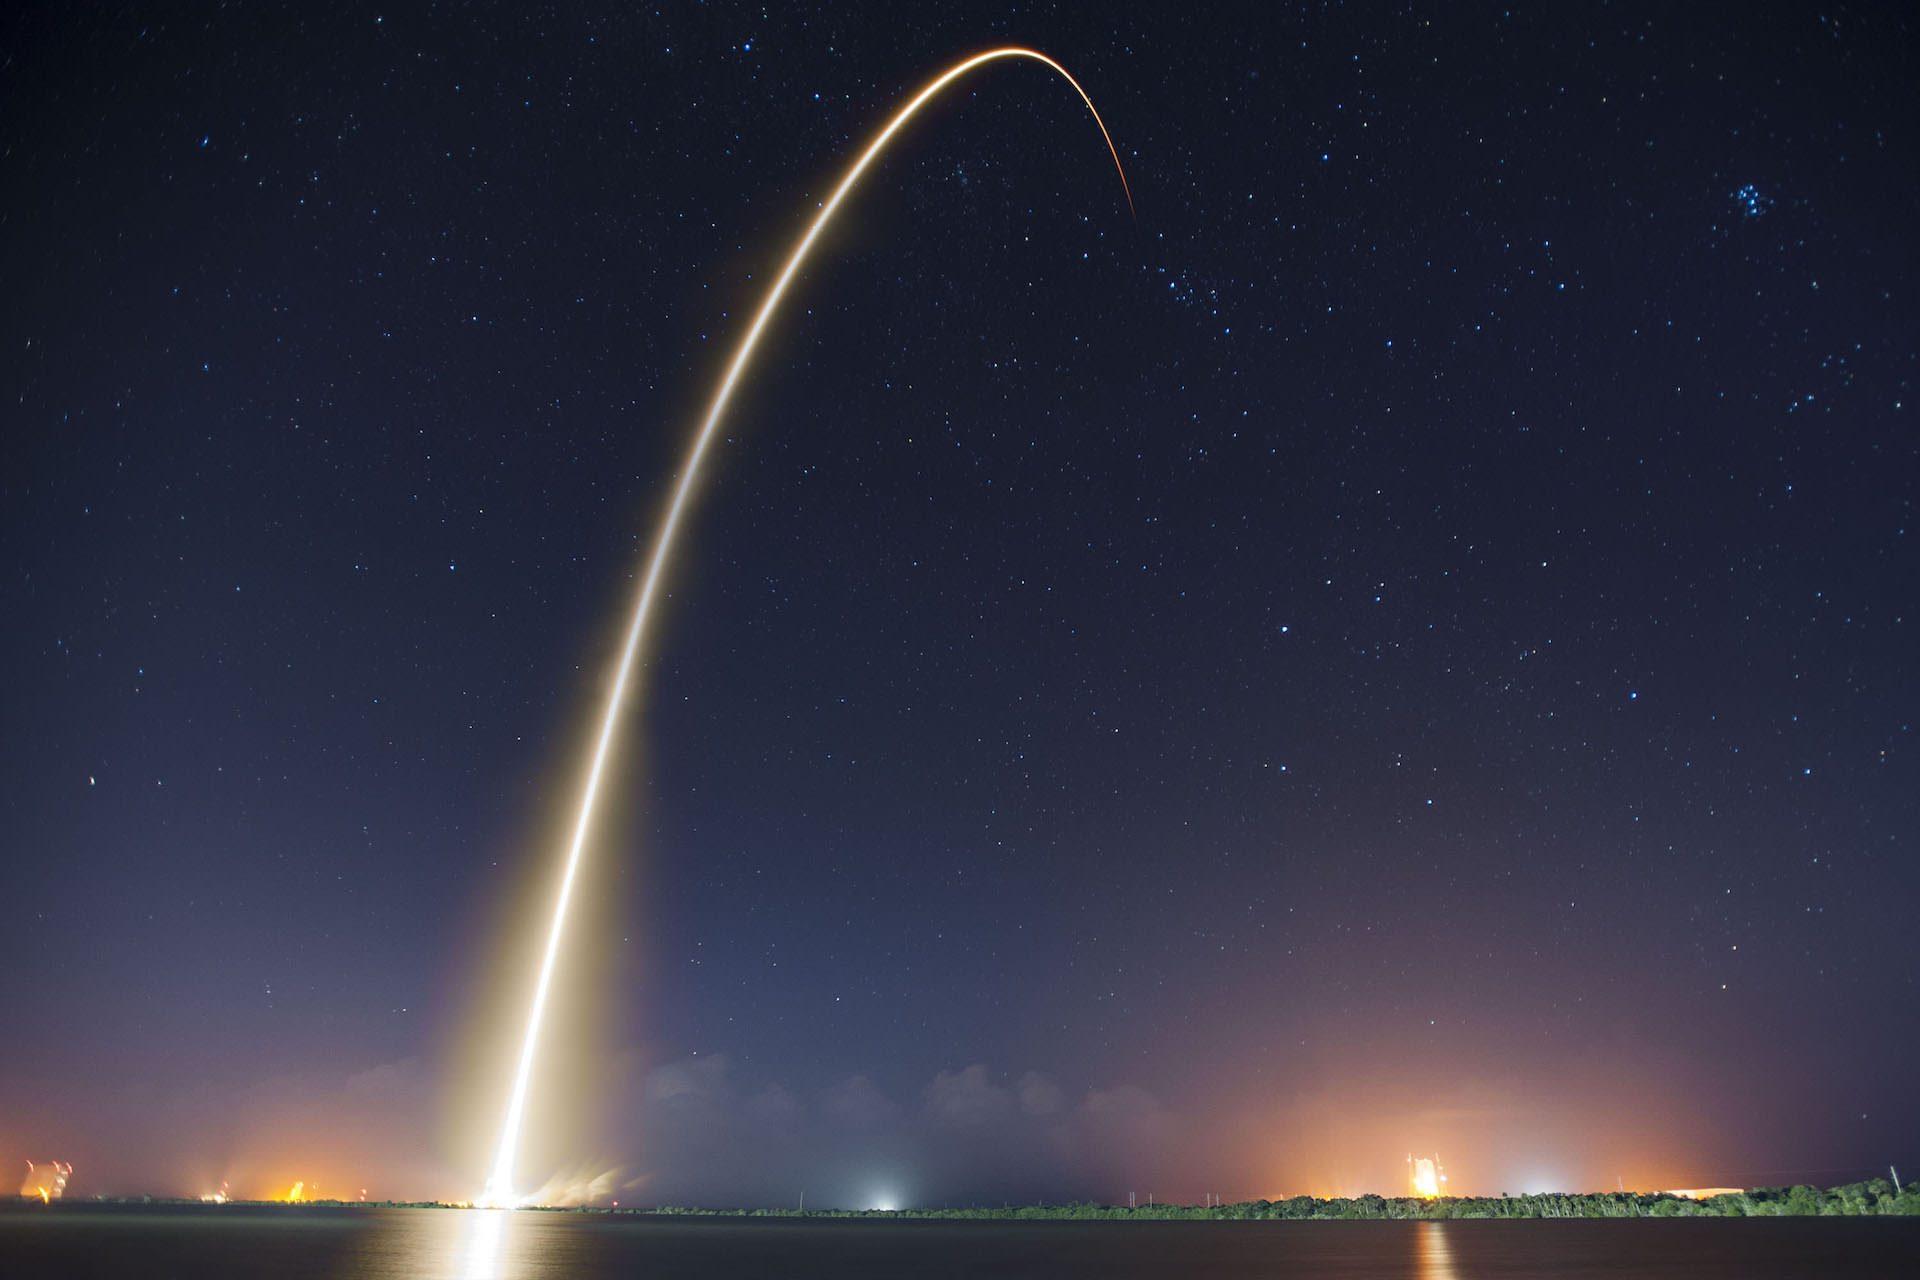 卡纳维拉尔角, 站空间, 美国国家航空航天局, 火箭, DT - 高清壁纸 - 教授-falken.com